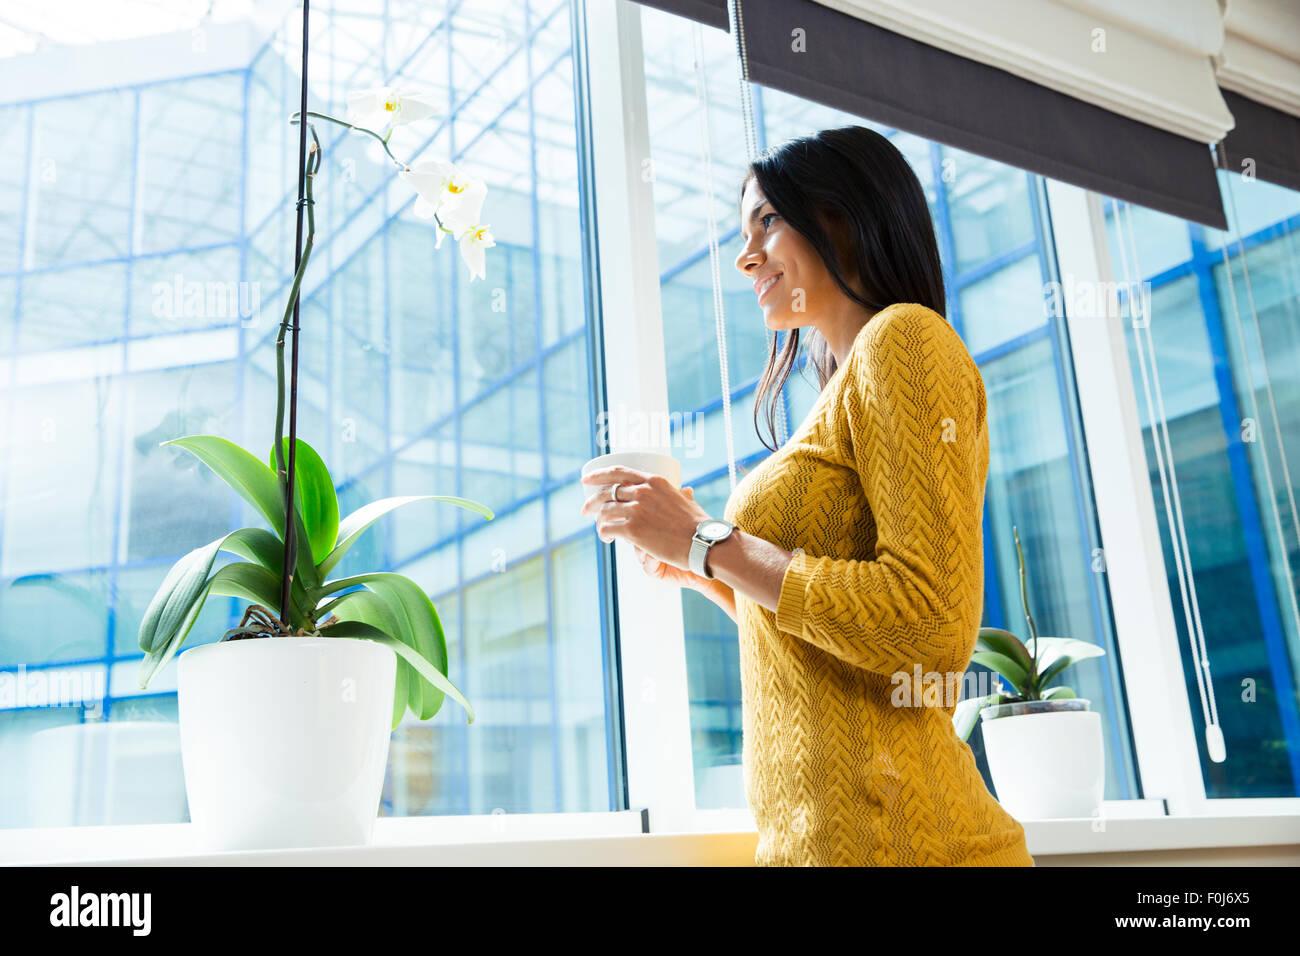 Porträt einer lächelnden Geschäftsfrau halten Tasse mit Kaffee und Blick auf Fenster im Büro Stockbild